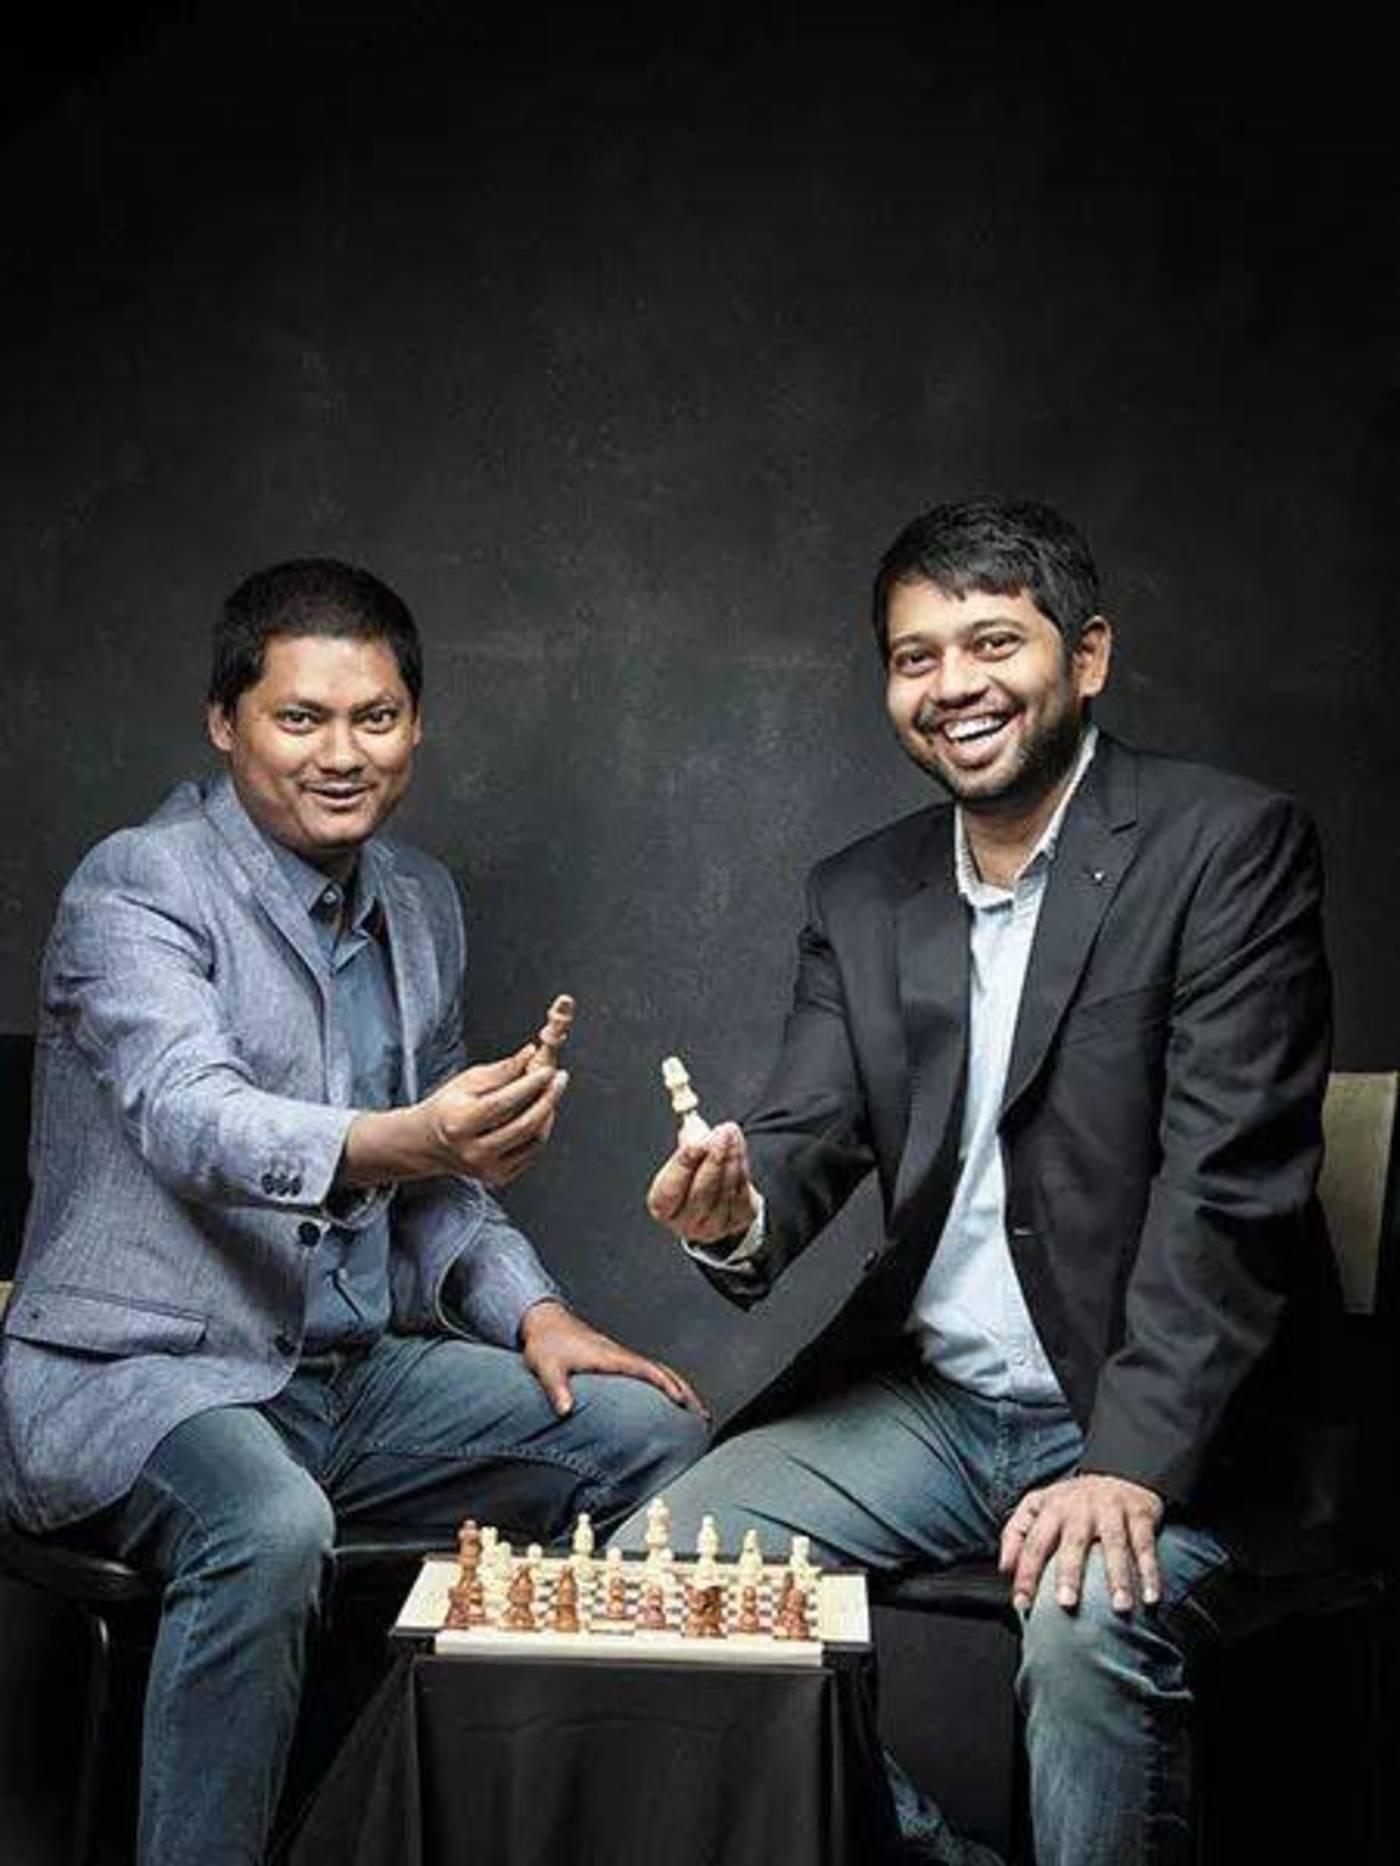 Arindam Manna(左)和Partha Pratim Das于2013年成立了Chanakyya